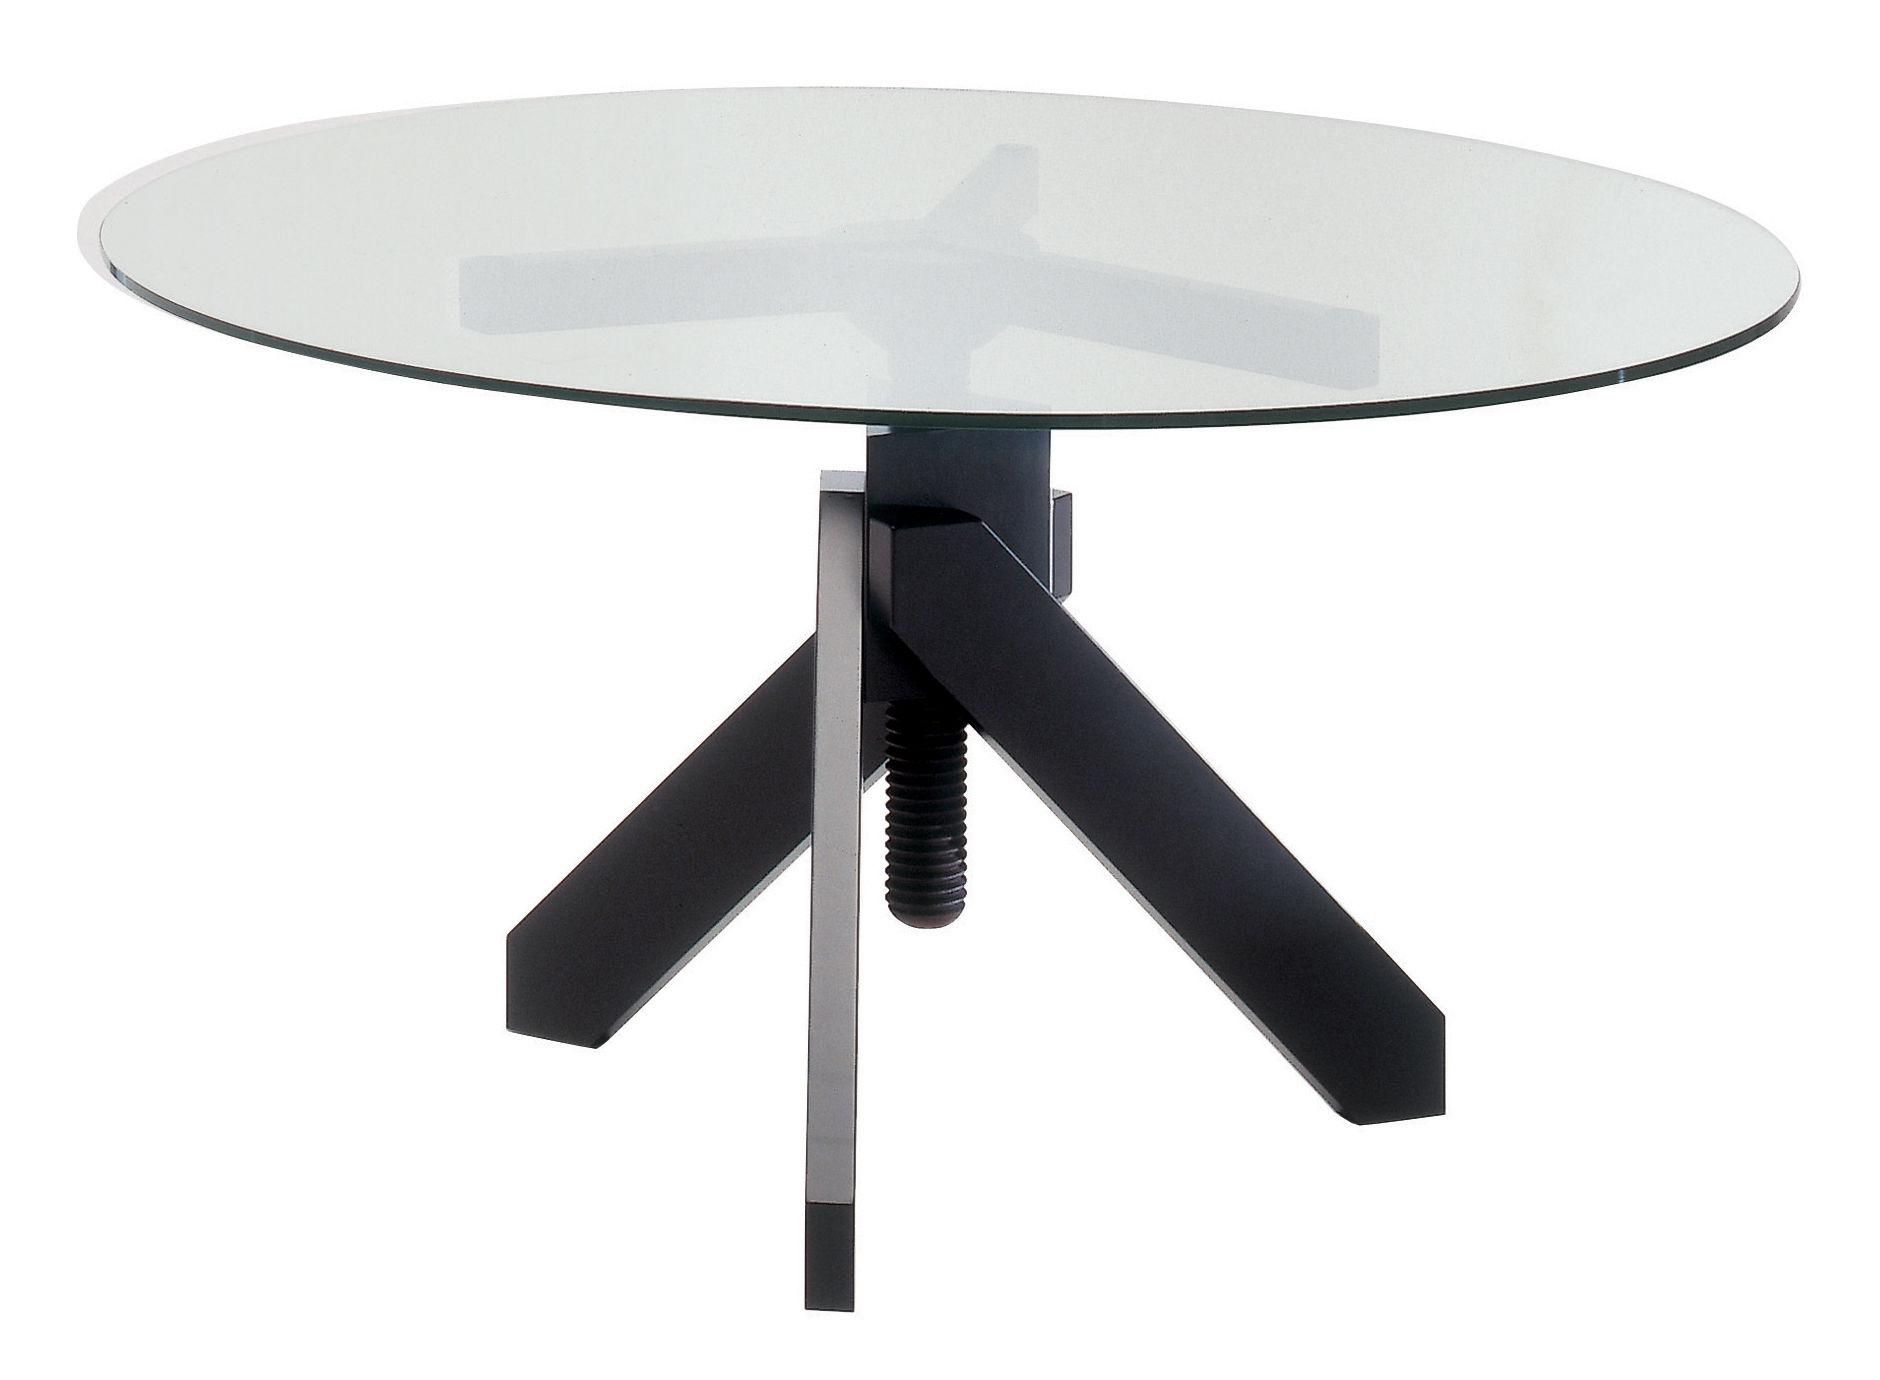 scopri tavolo vidun altezza regolabile nero di de padova